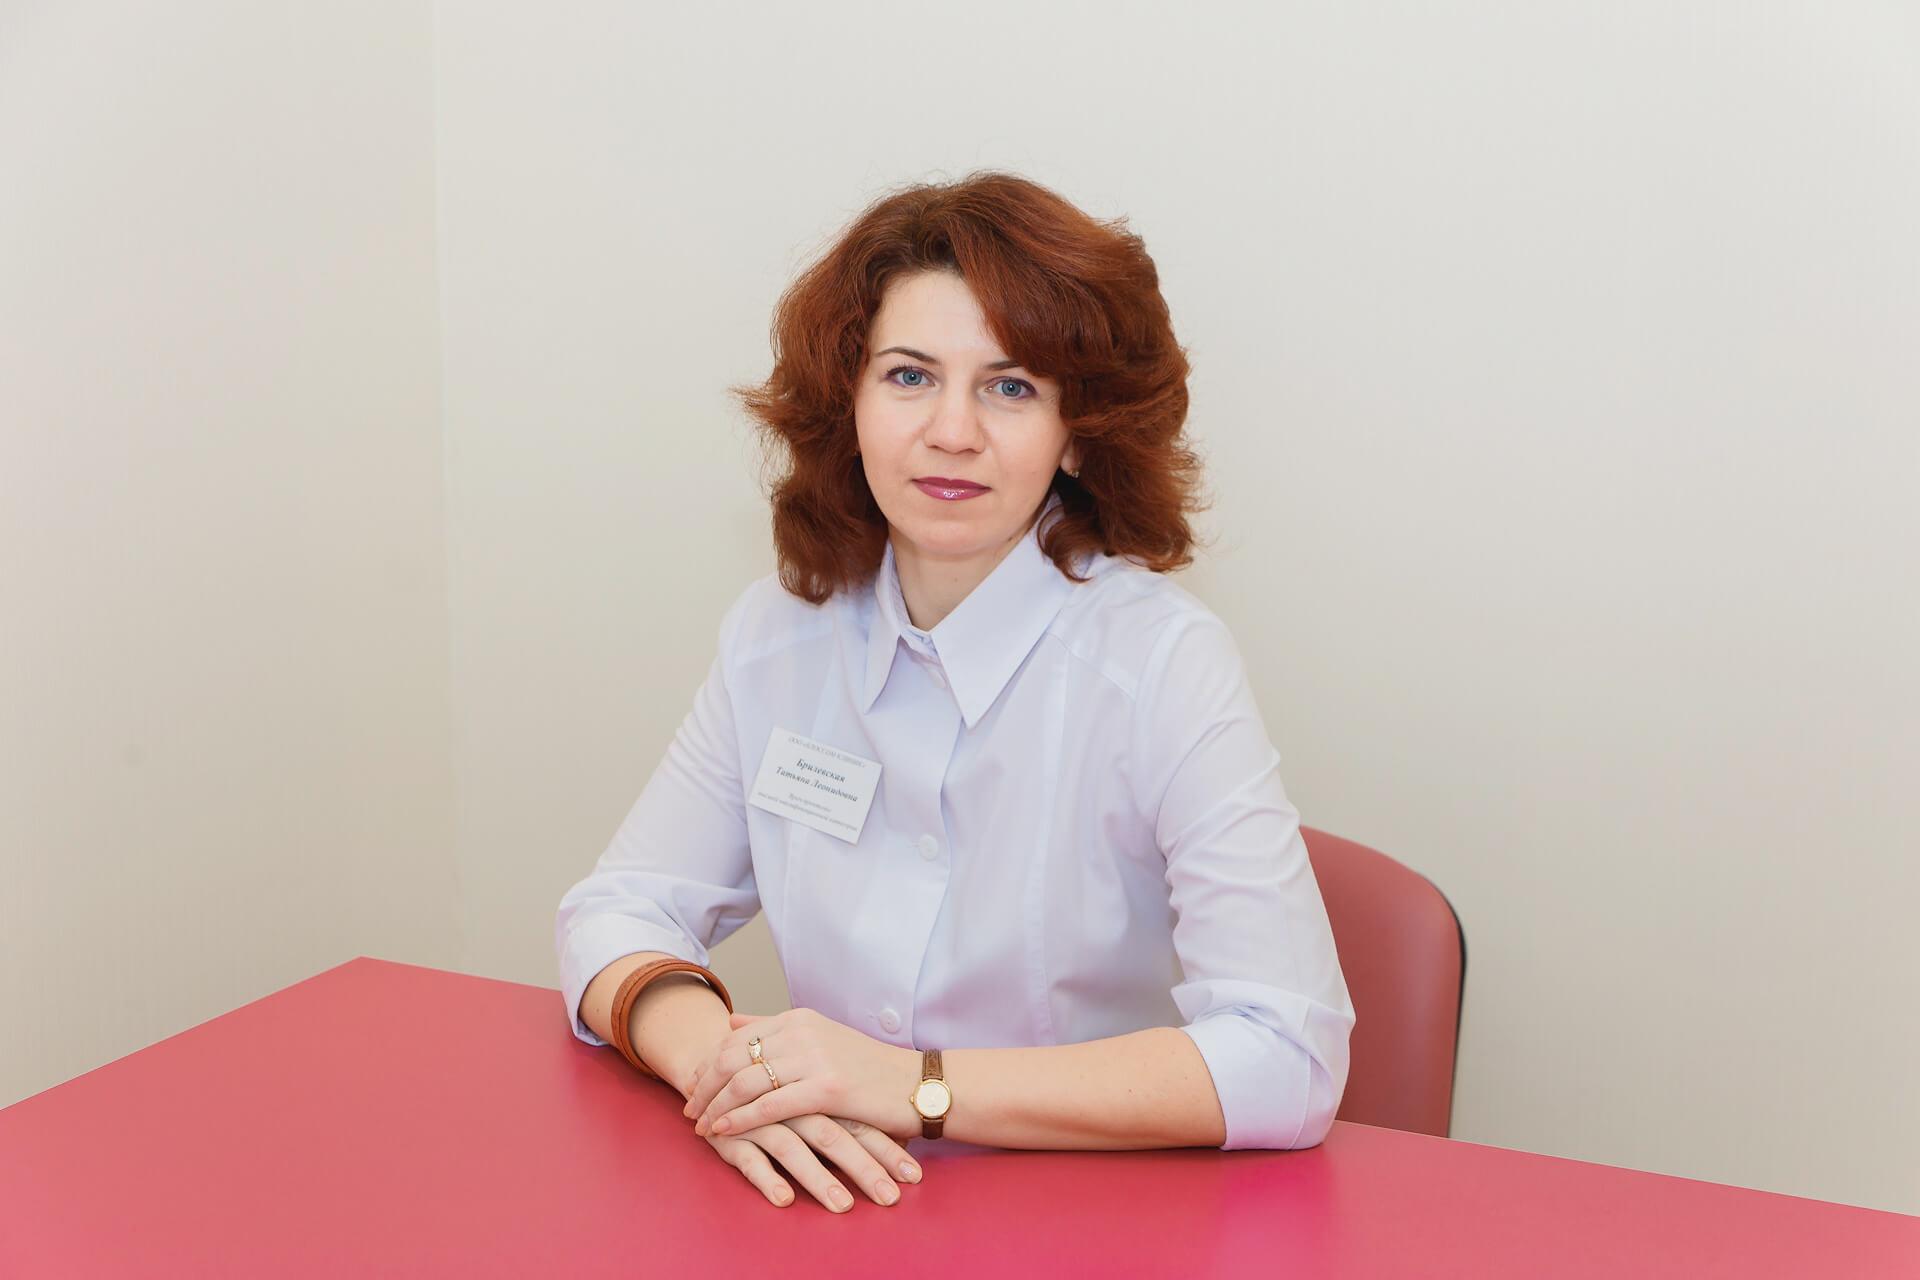 Врач проктолог Брилевская Татьяна Леонидовна в Минске